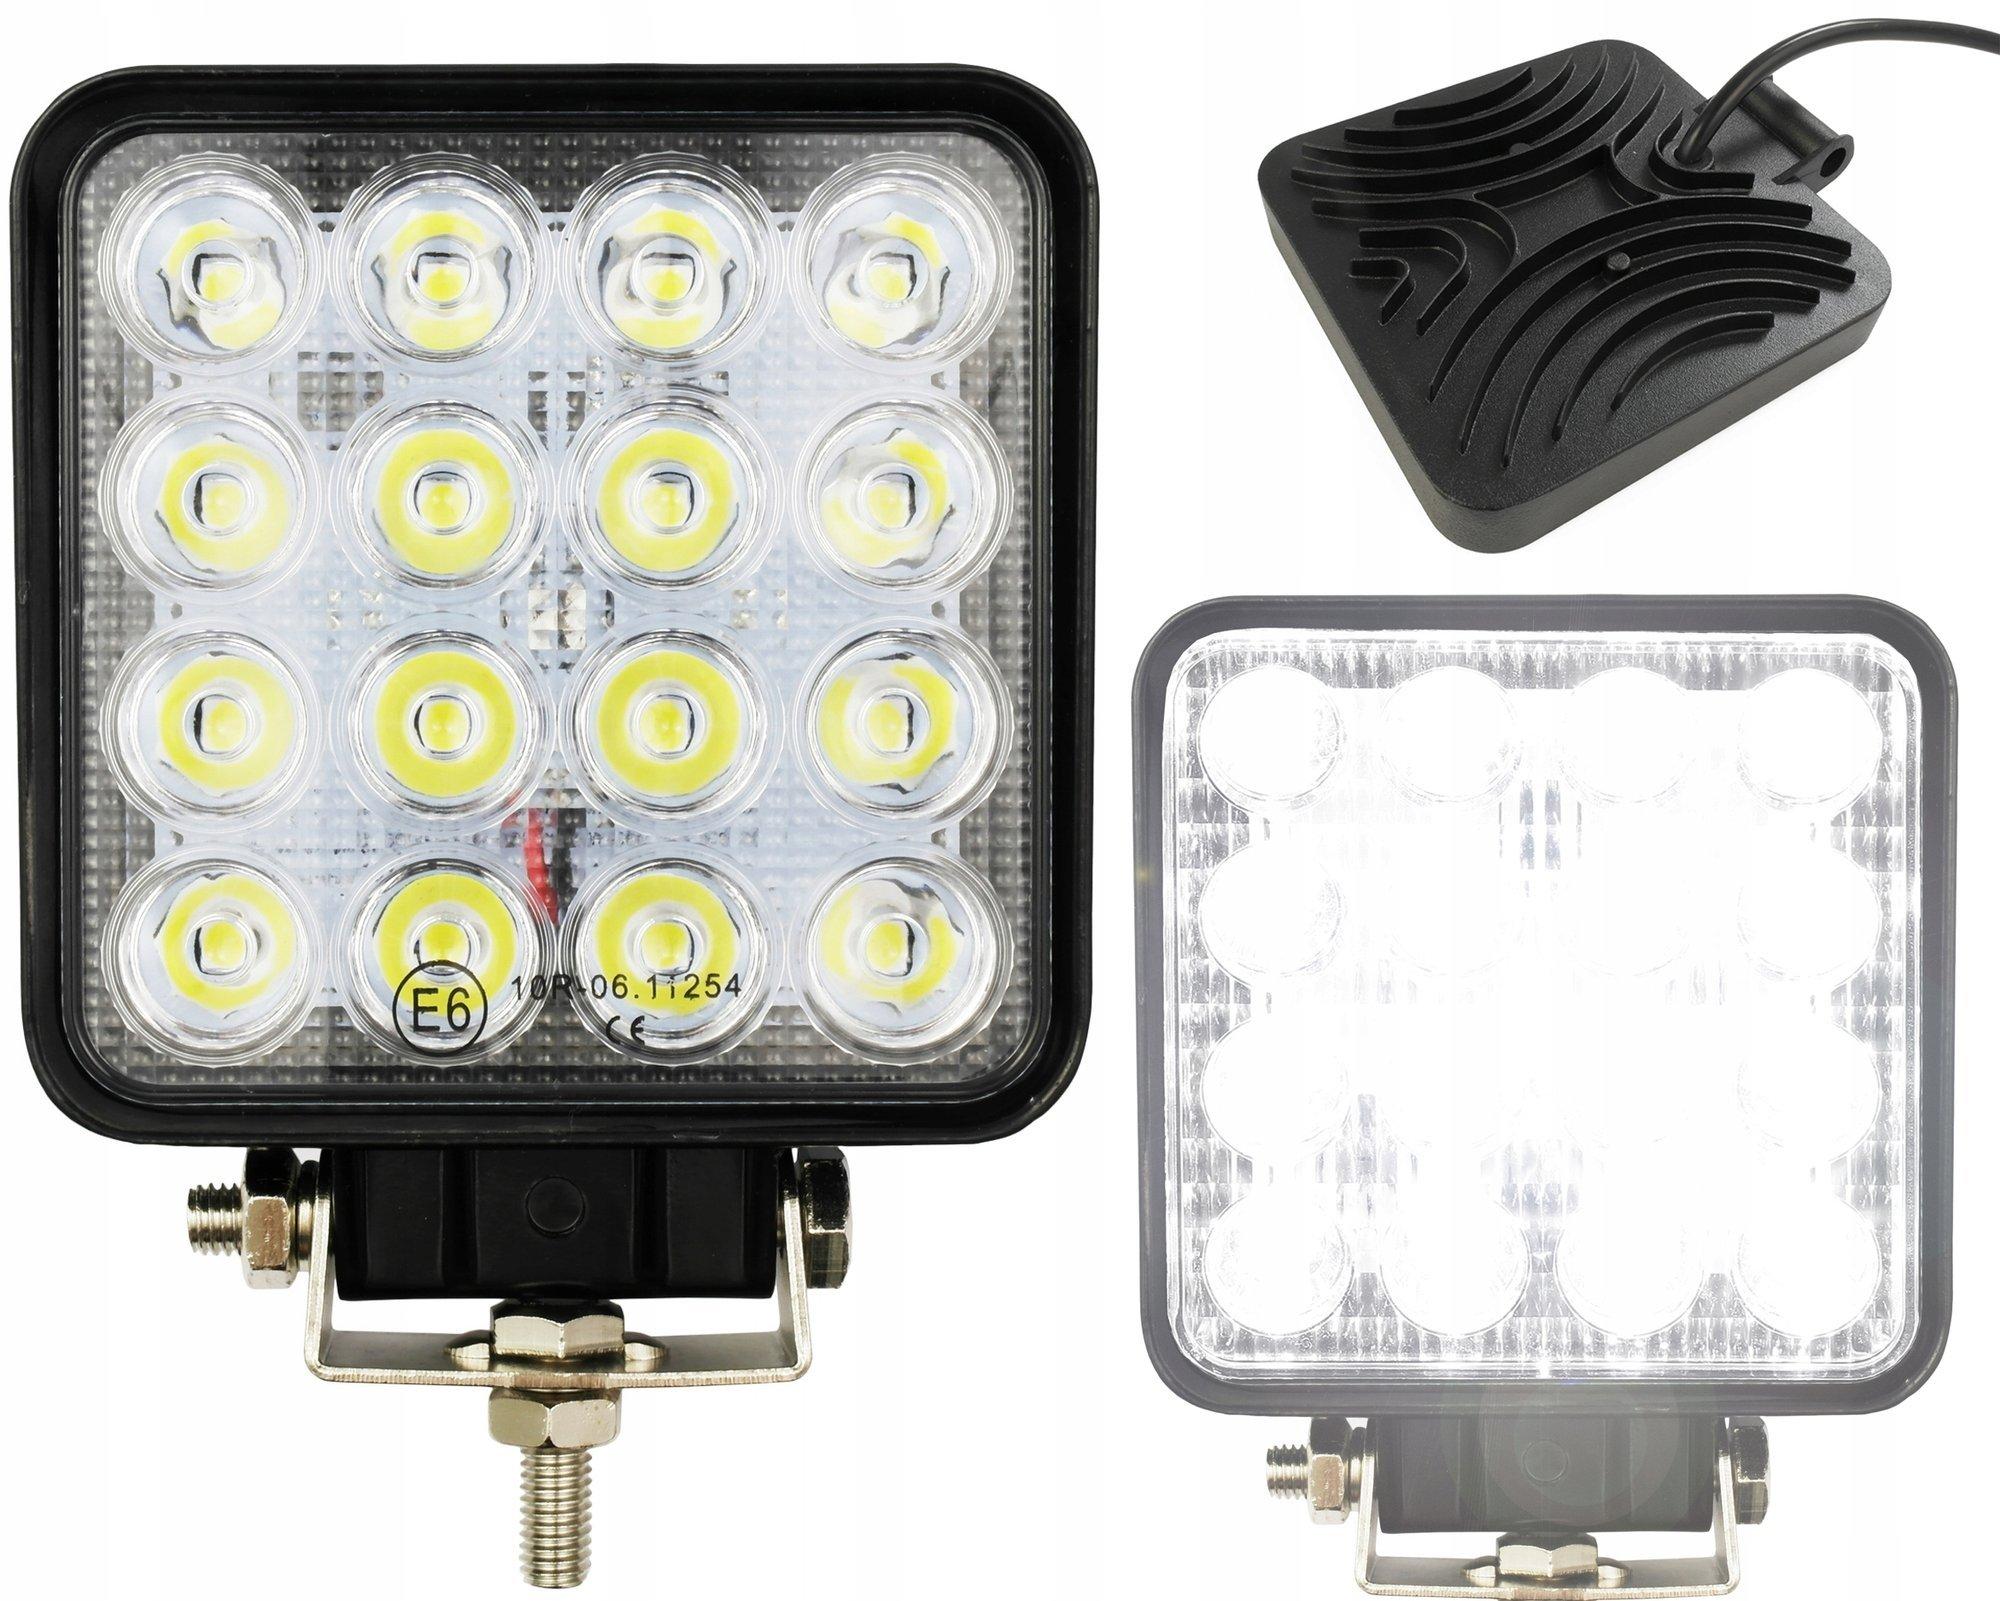 рабочая лампа 16 led галоген прожектора 48w 12v 24v